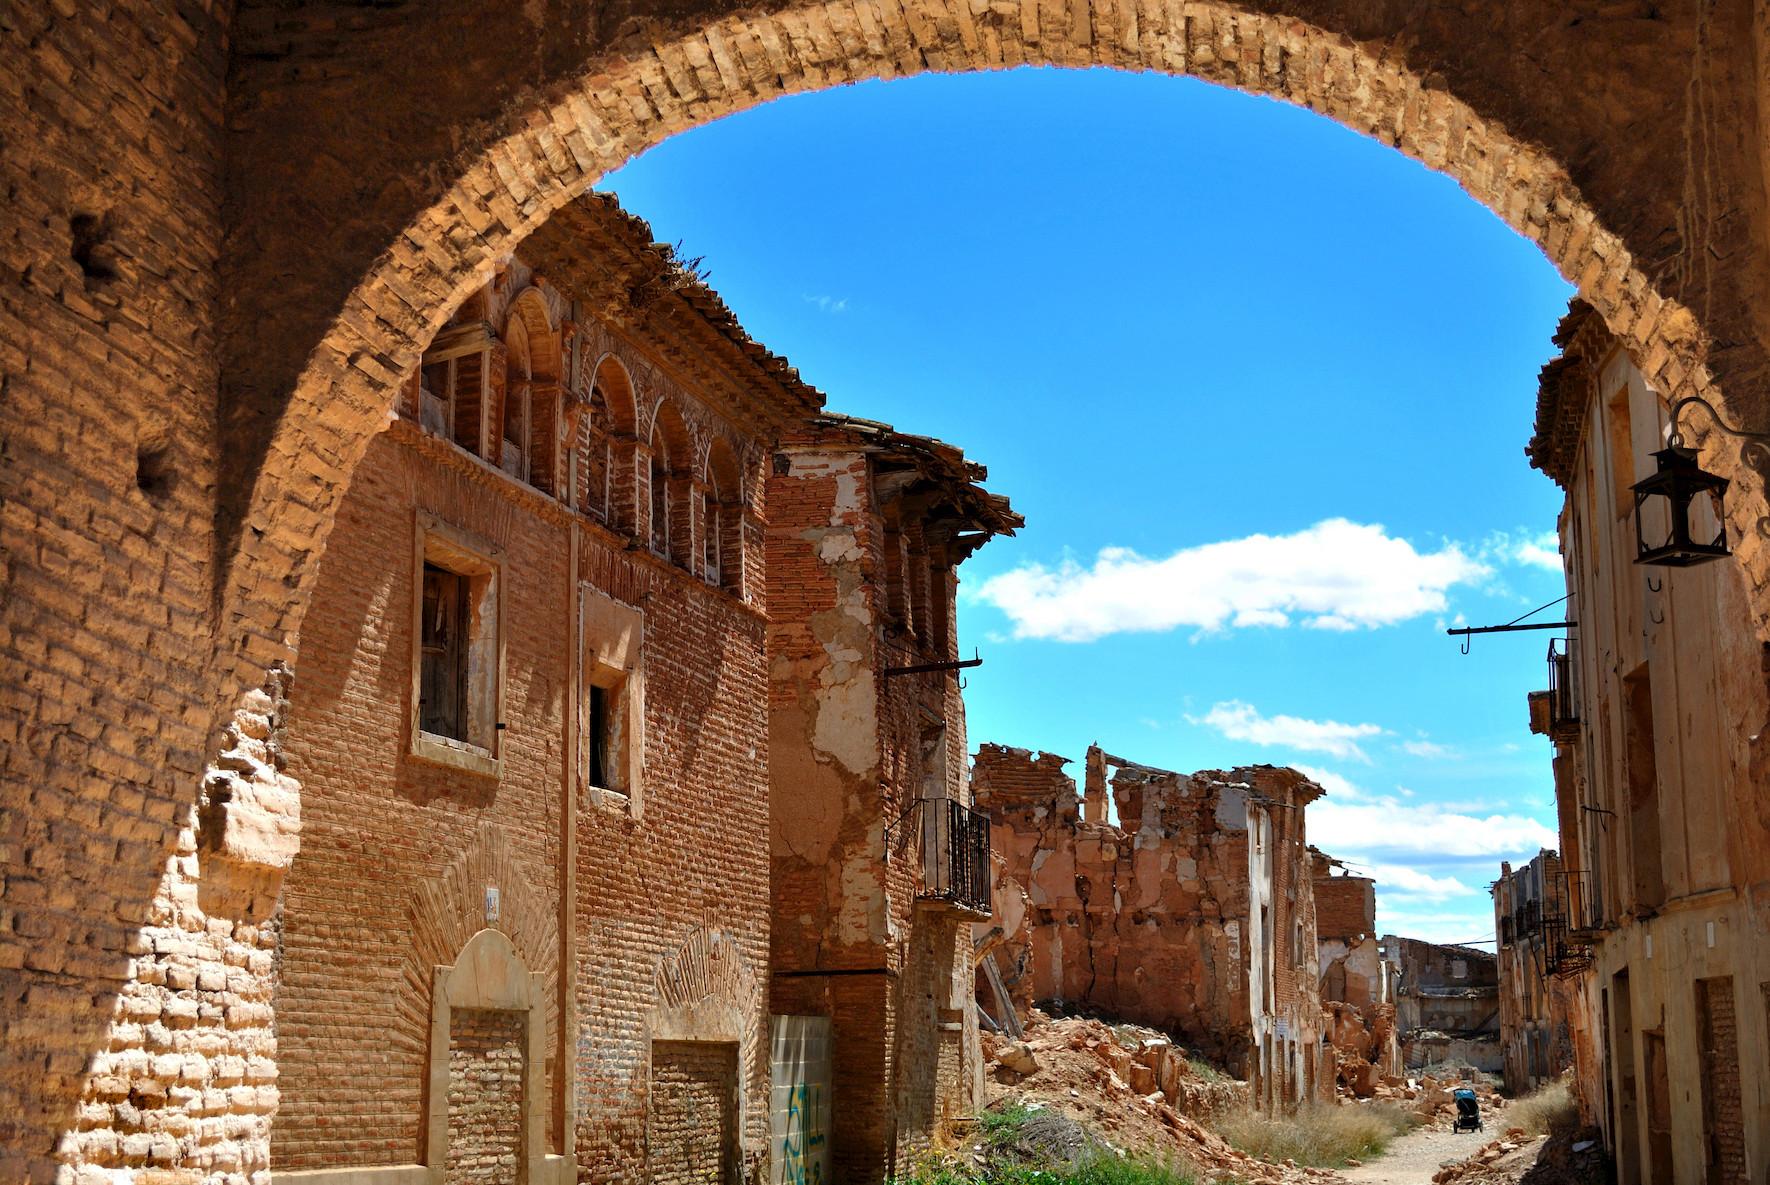 ciudad fantasma belchite. Belchite, España